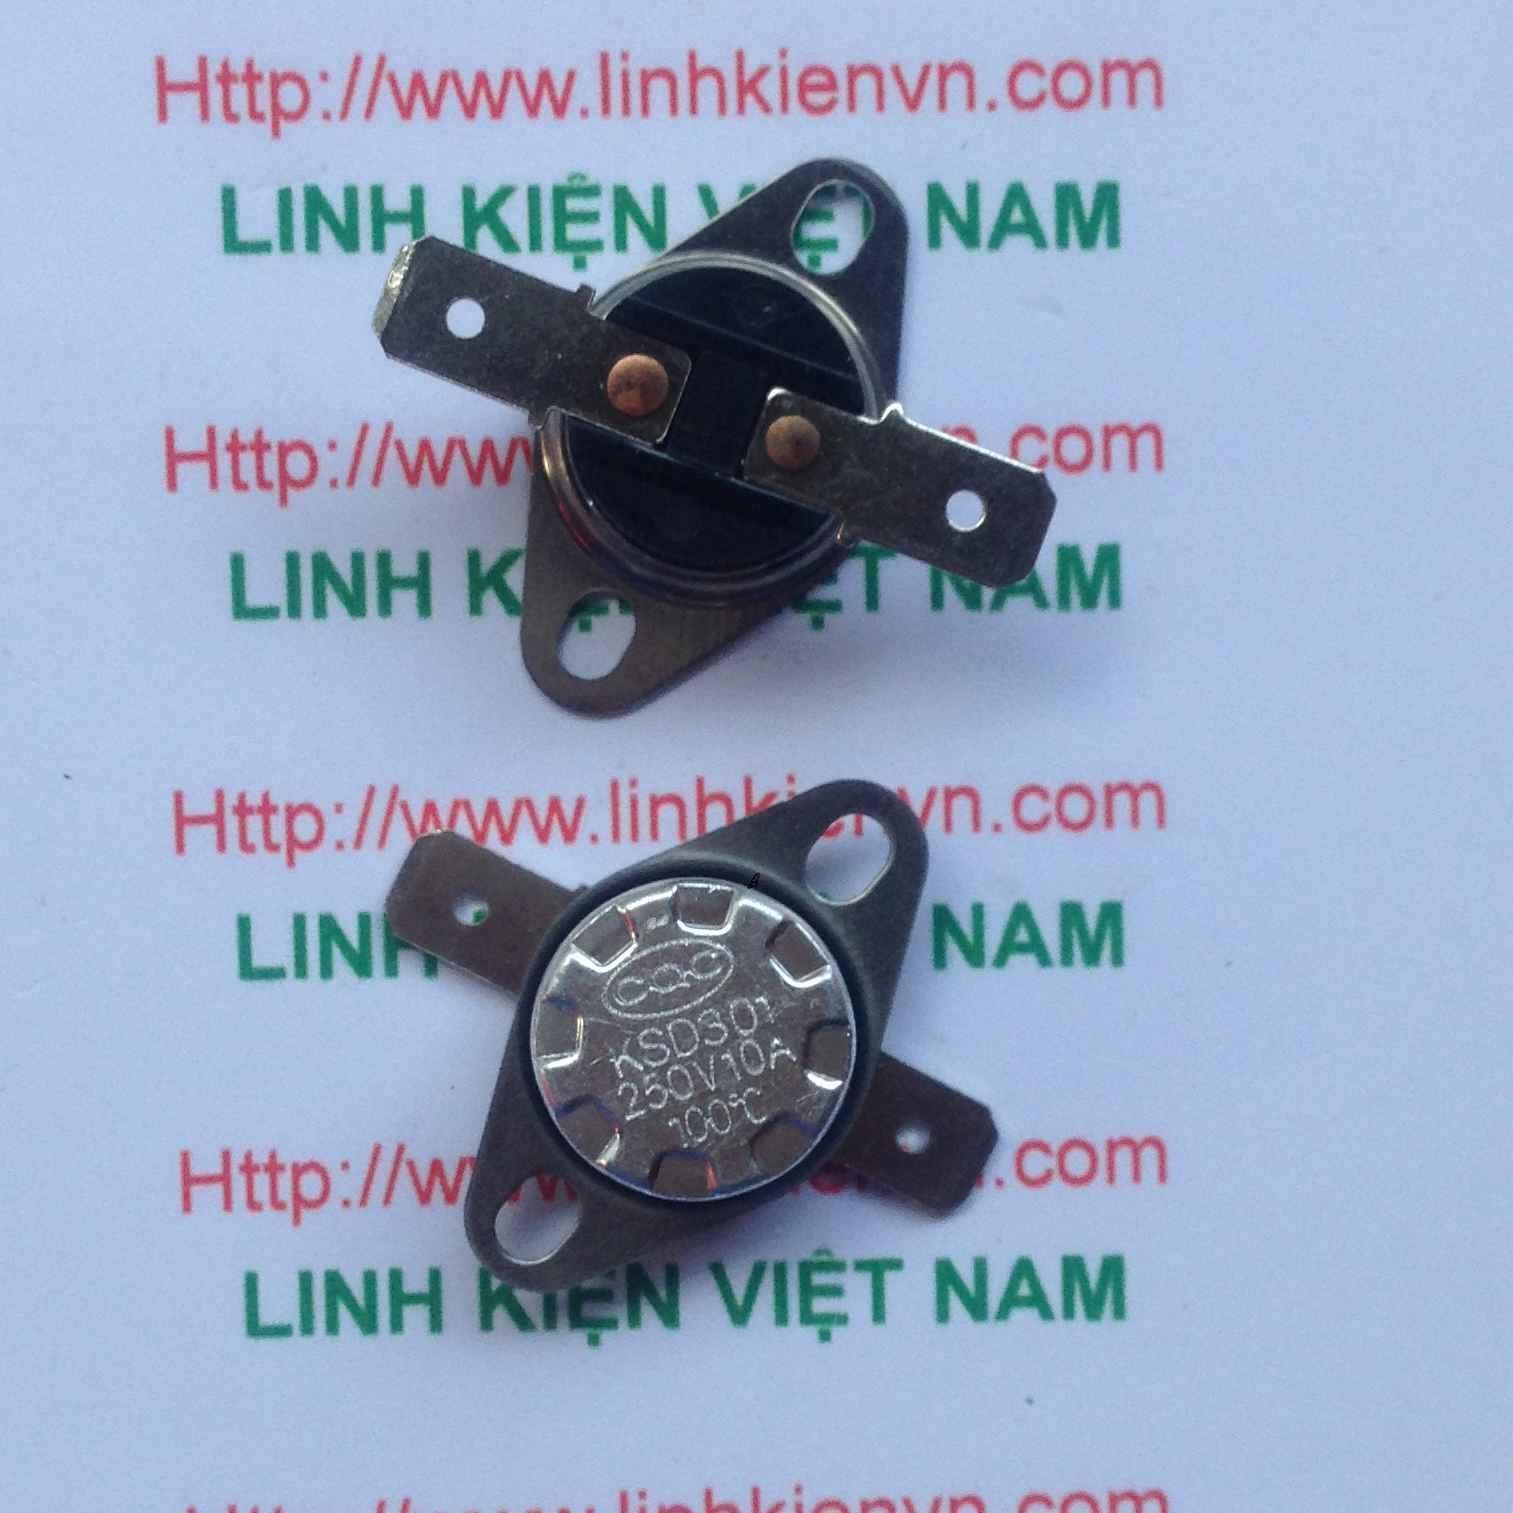 Relay nhiệt KSD301 100 độ - THƯỜNG ĐÓNG/ Relay nhiệt KSD301 10A/250V  - G3H8